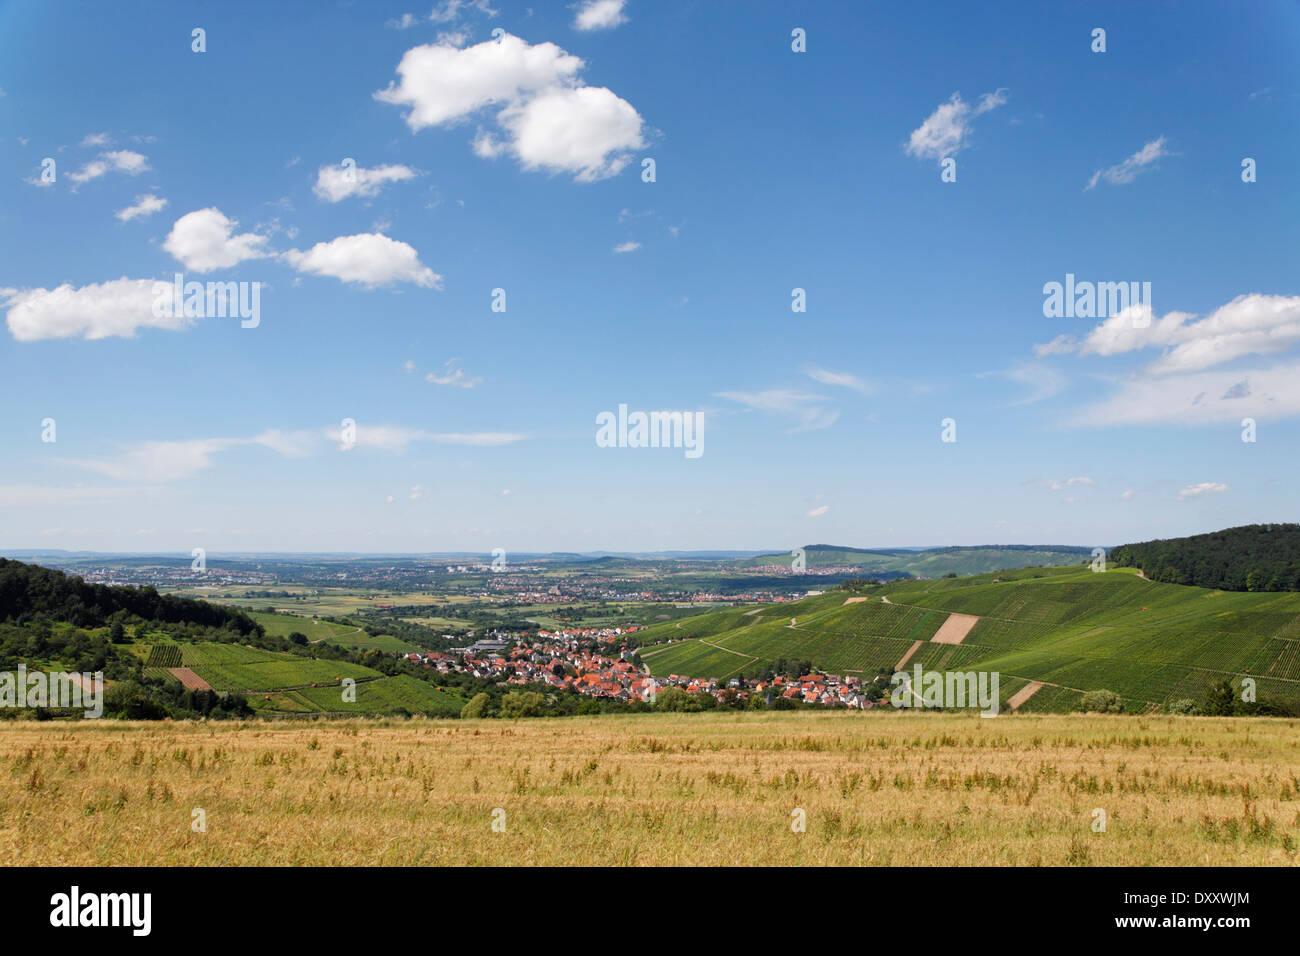 Germany, Baden-Württemberg, Strümpfelbach, viewpoint, Deutschland, Baden-Württemberg, Strümpfelbach, Aussichtspunkt - Stock Image